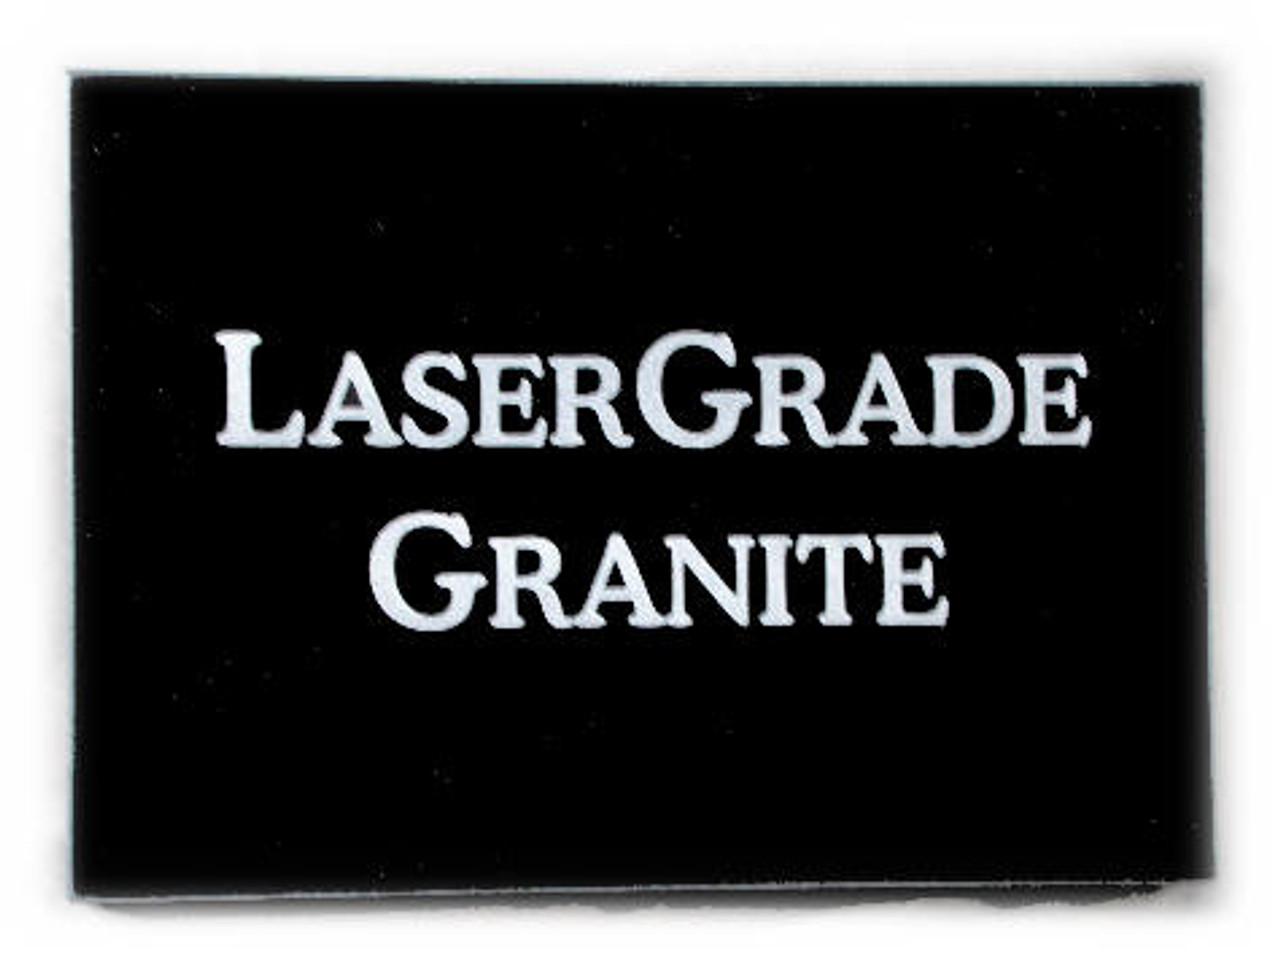 """G-MB-5x7BEP, LaserGrade, MB,  Black Granite, 5"""" x 7"""" x 7 - 8 mm,  Beveled Edges Polished, (5 face polished)"""